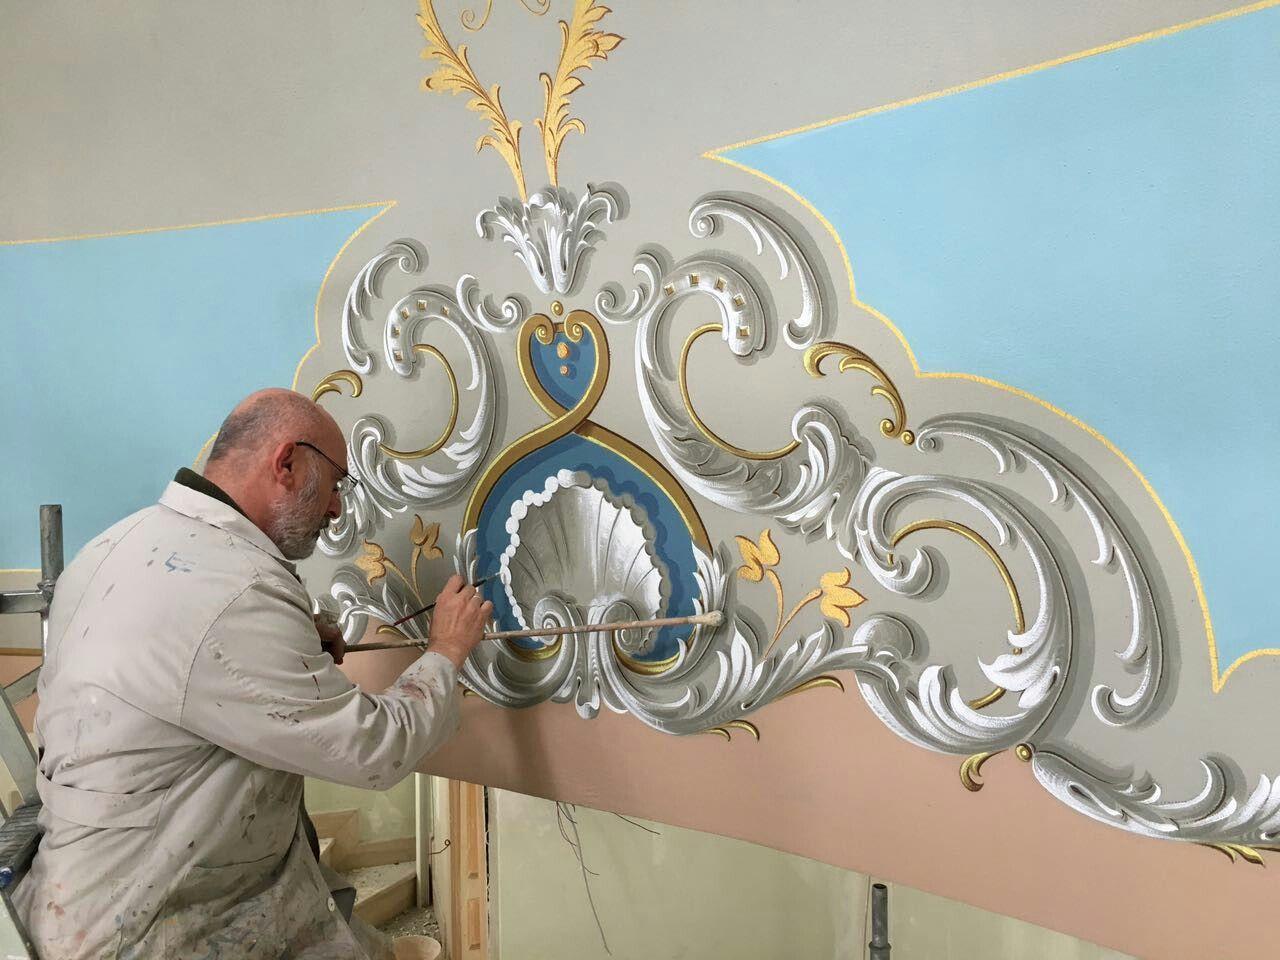 Pitture Murali Per Interni Decorative : Pitture murali decorative per interni excellent pitture murali